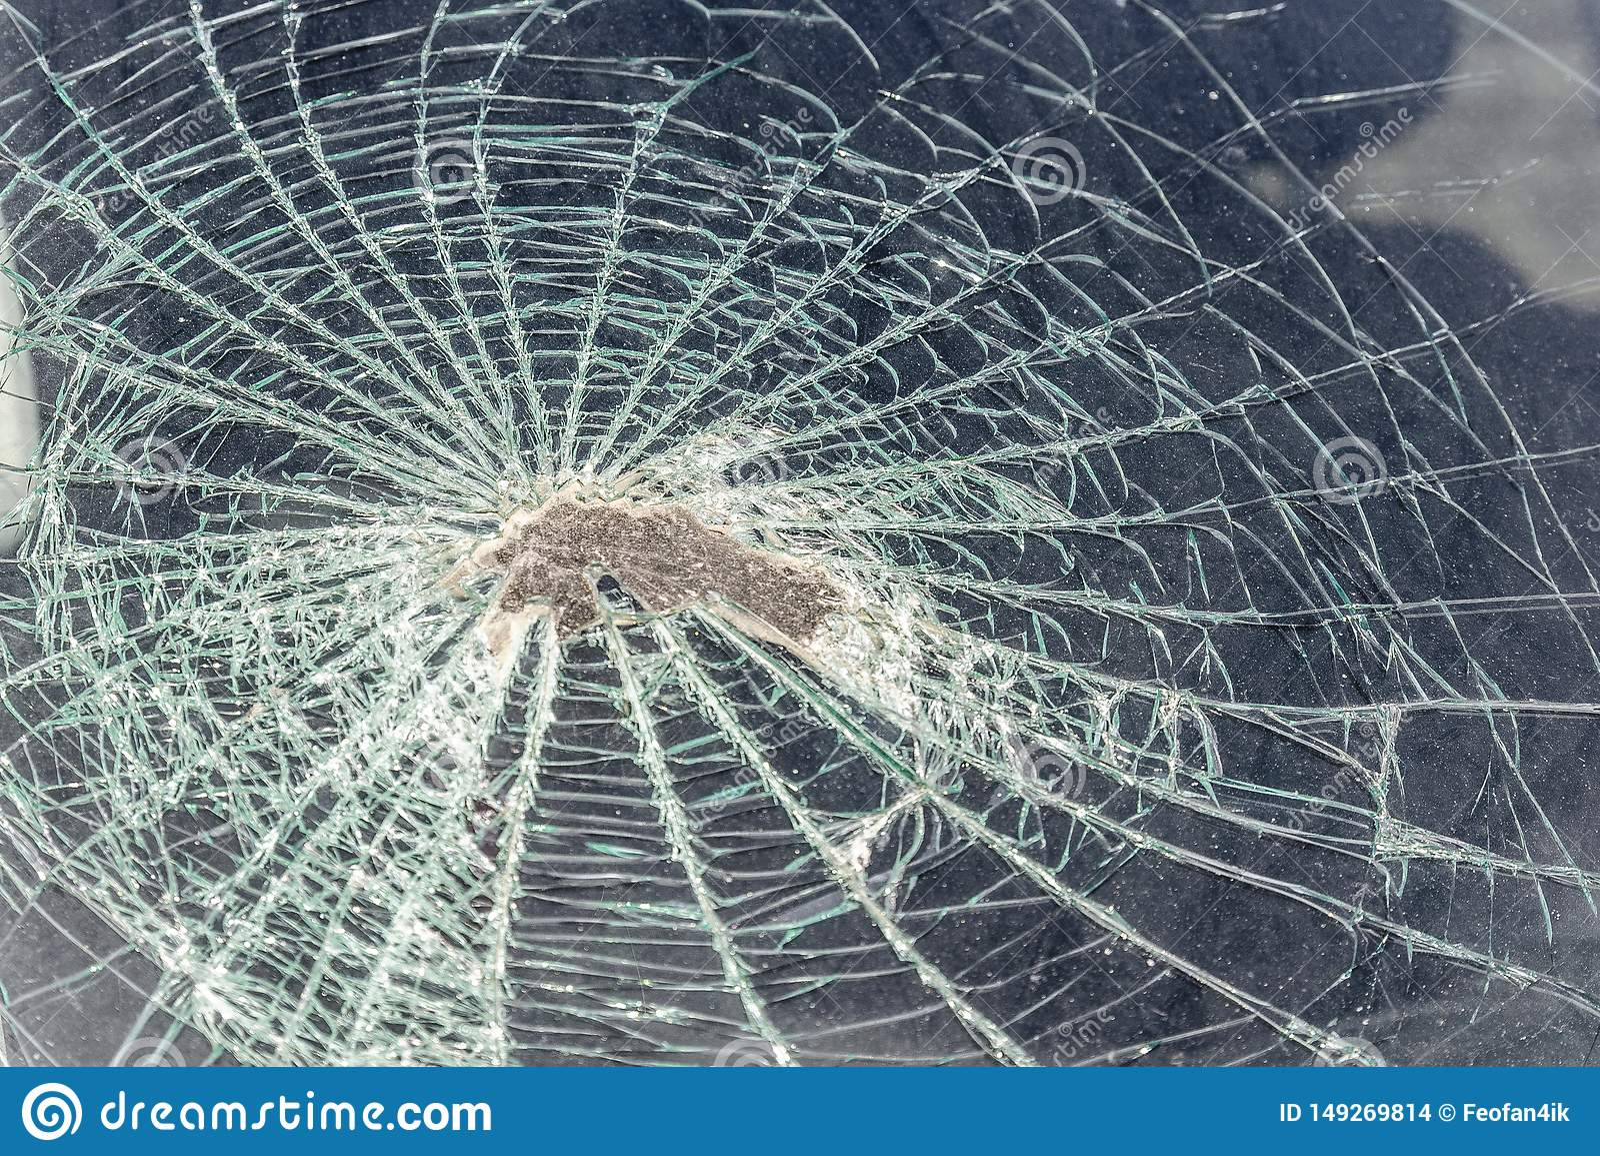 ίχνος στον ανεμοφράκτη από το κεφάλι του επιβάτη του αυτοκινήτου σε ένα ατύχημα ή μια σύγκρουση με ένα εμπόδιο σπασμένο κεφάλι γυ